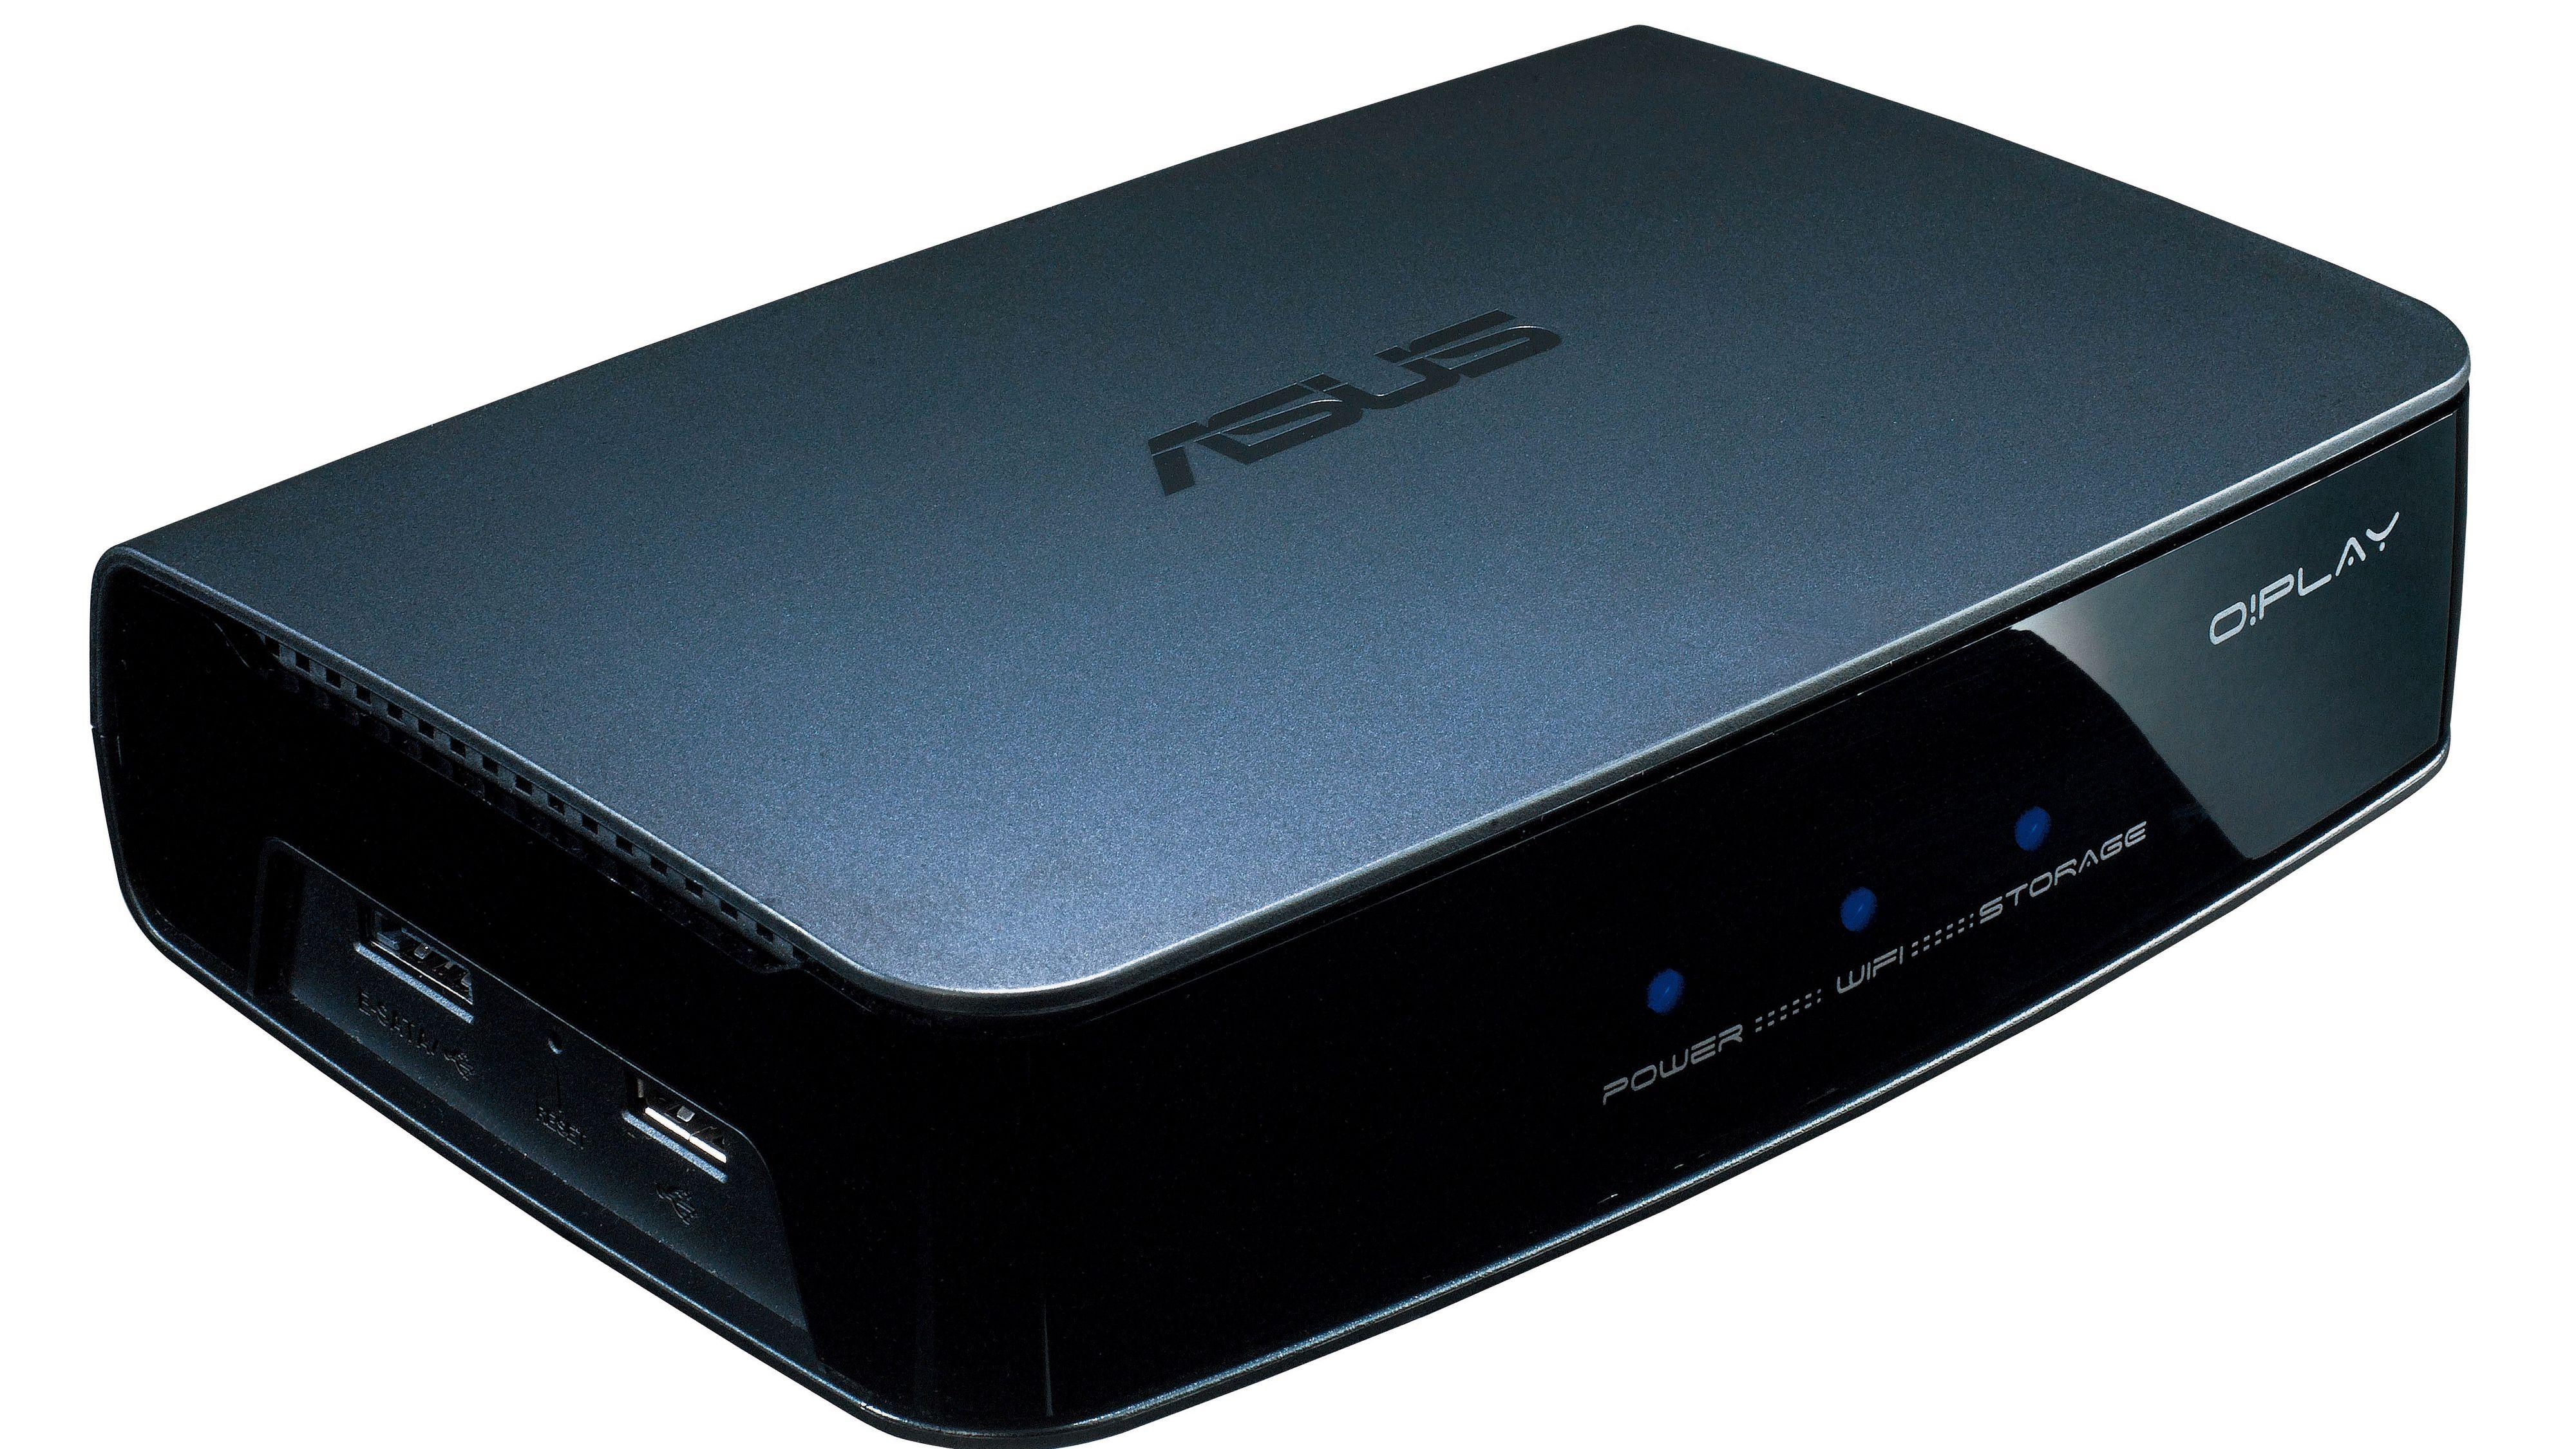 2. generasjon HD-spiller fra Asus